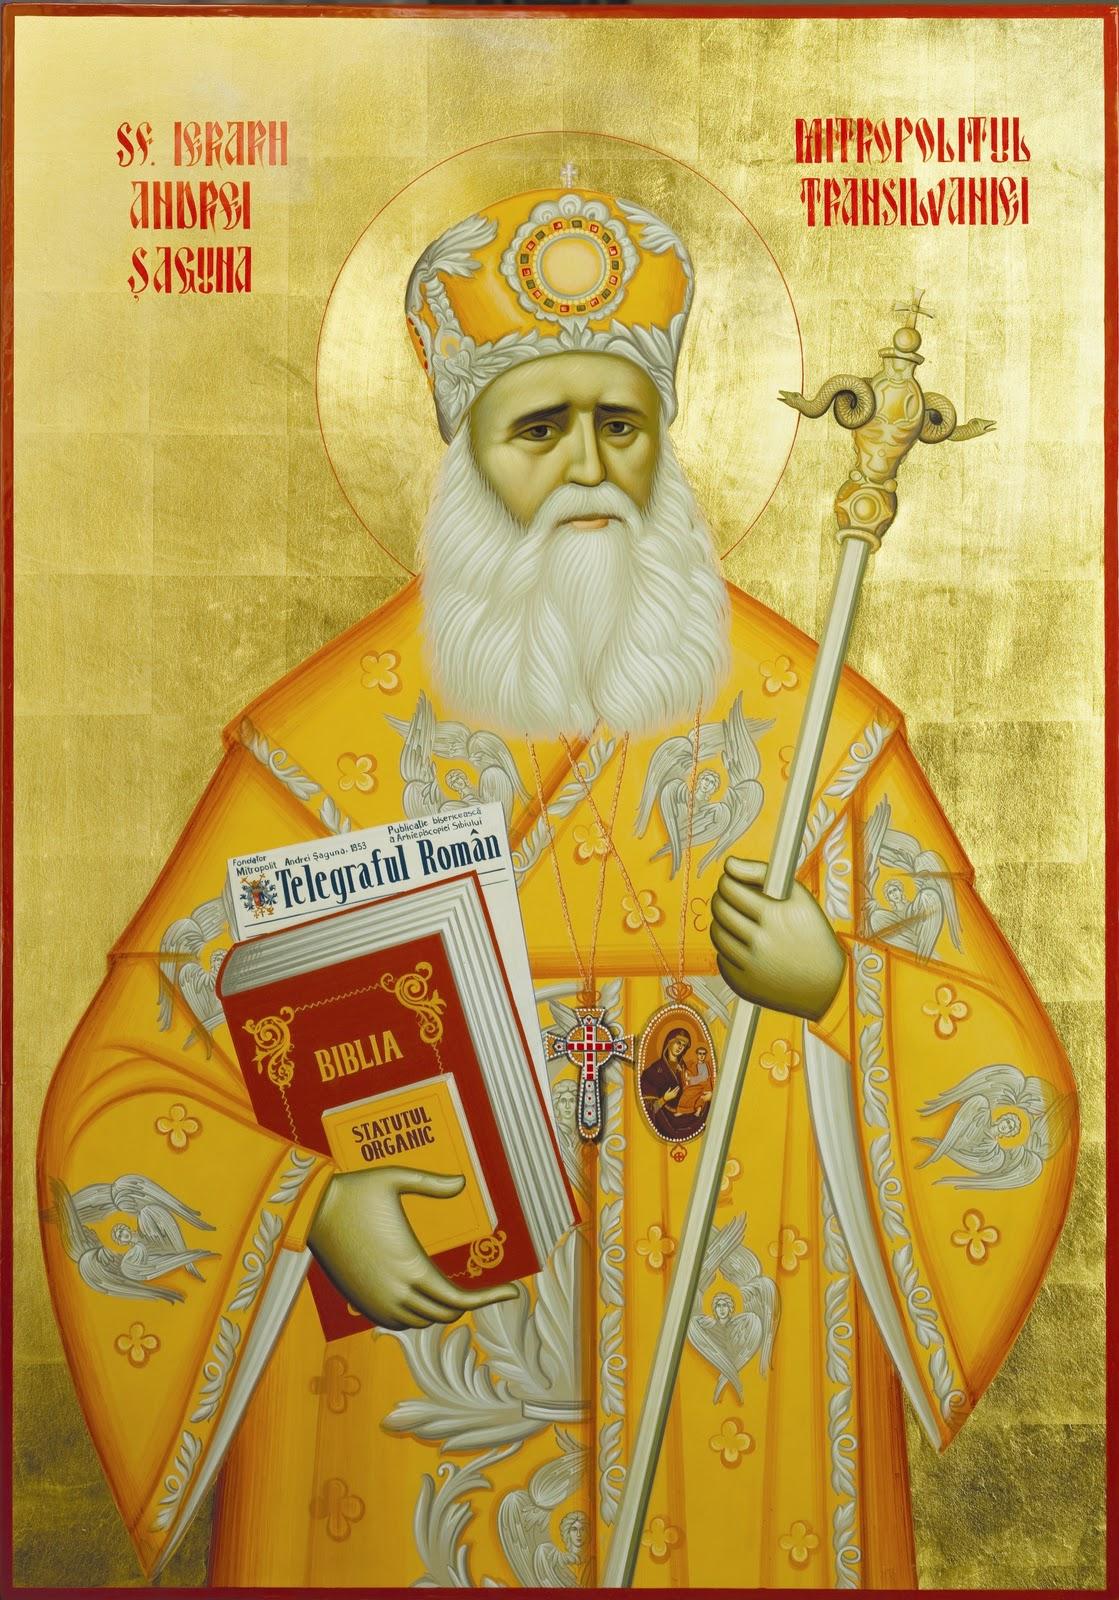 Personalitatea Mitropolitului-Canonist Andrei Șaguna și  lucrările sistematice de Drept Canonic